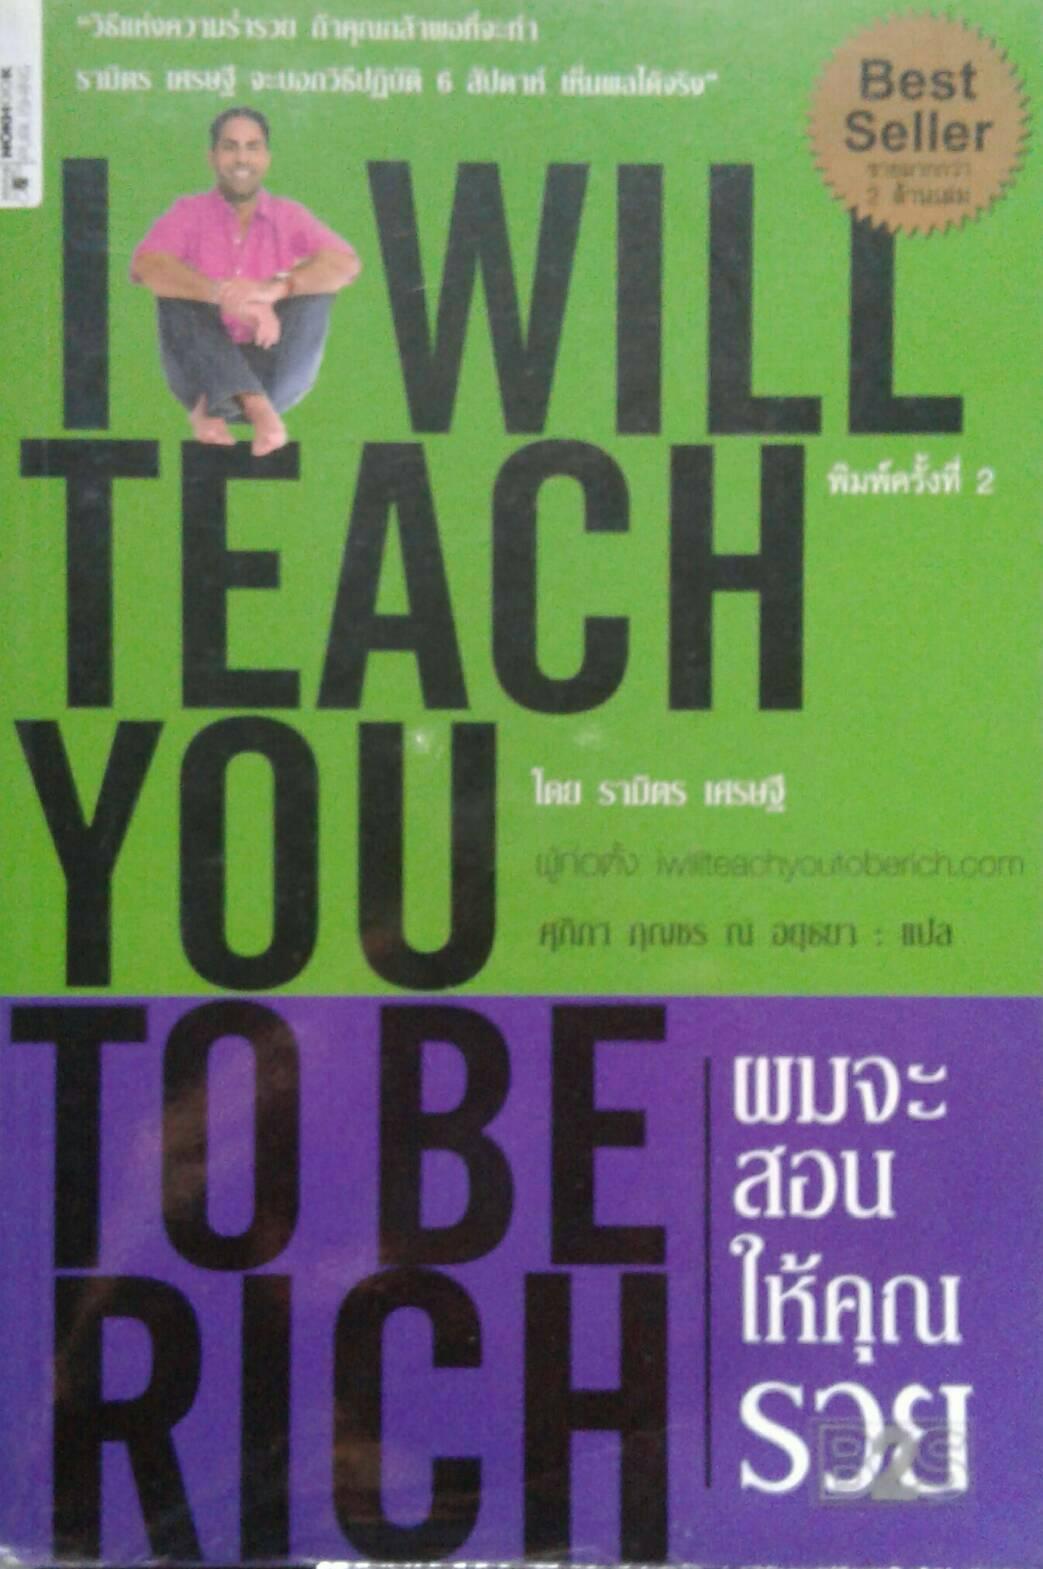 ผมจะสอนให้คุณรวย : I Will Teach You To Be Rich